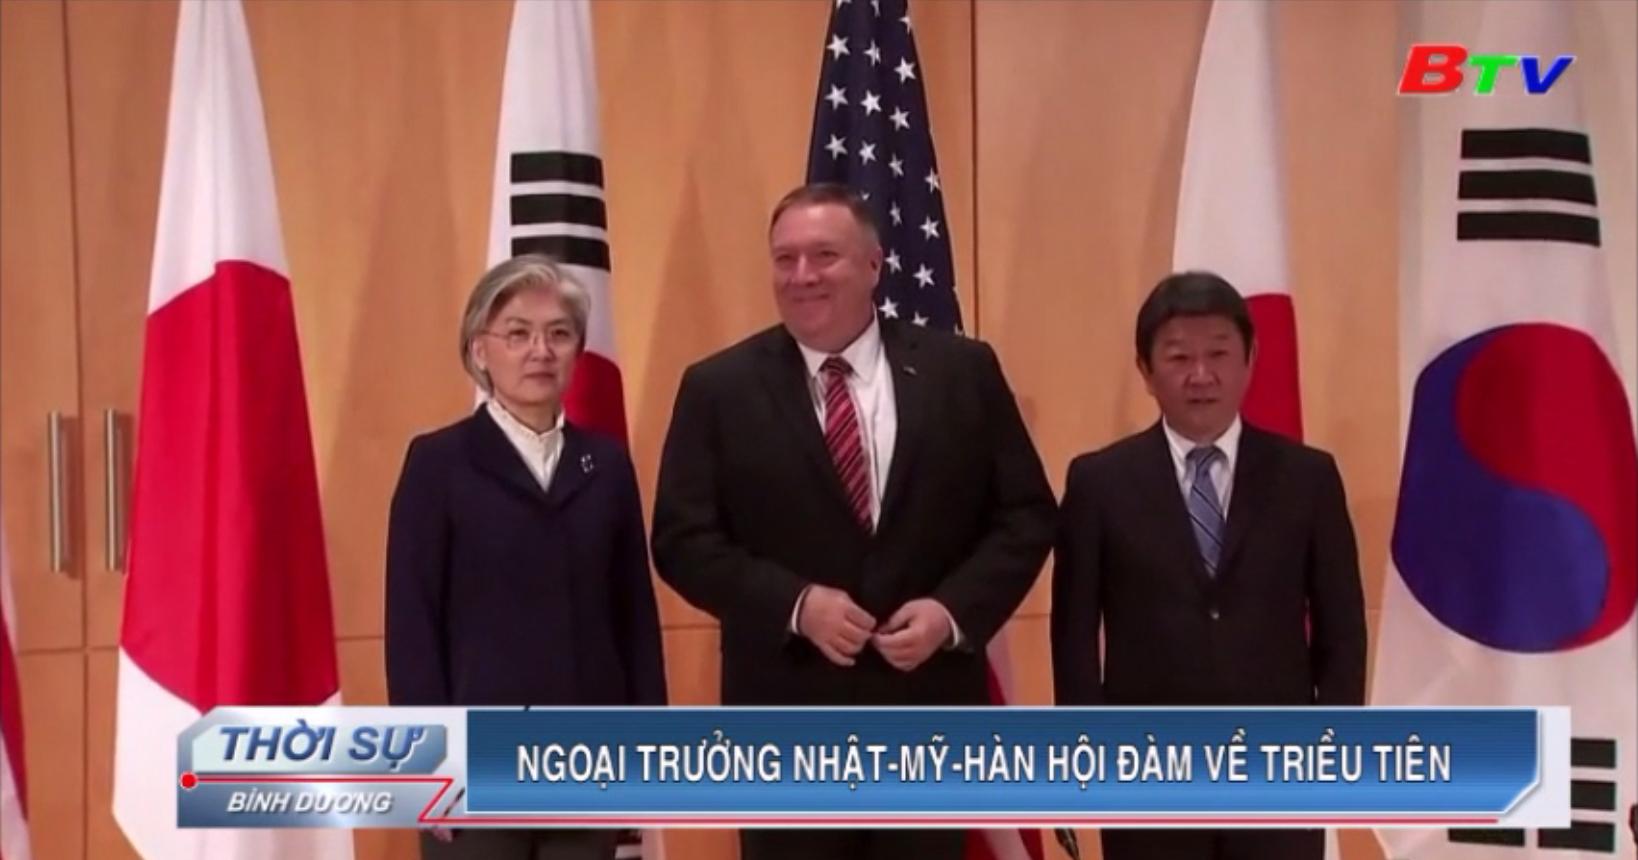 Ngoại trưởng Nhật - Mỹ - Hàn hội đàm về Triều Tiên